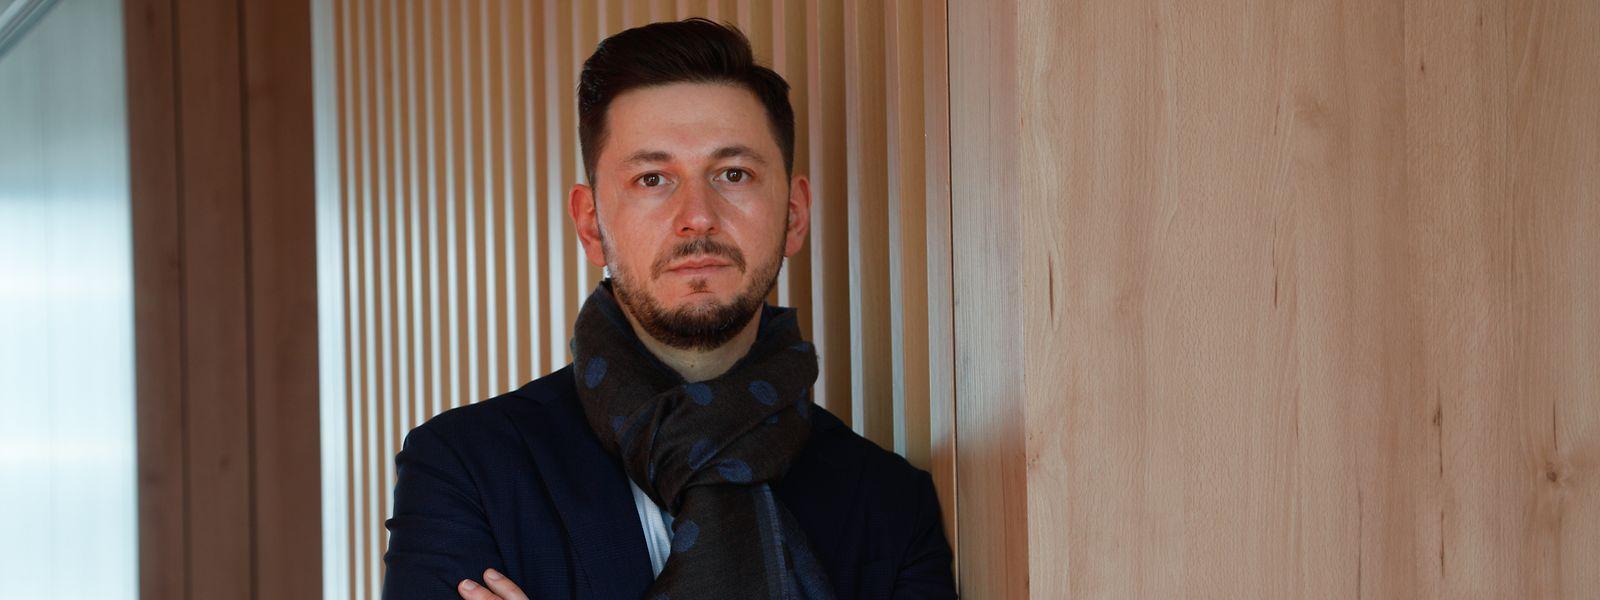 L'entrée effective du parquet européen n'interviendra qu'après la désignation d'au moins un procureur délégué par chaque Etat membre participant, indique Gabriel Seixas, procureur européen luxembourgeois.